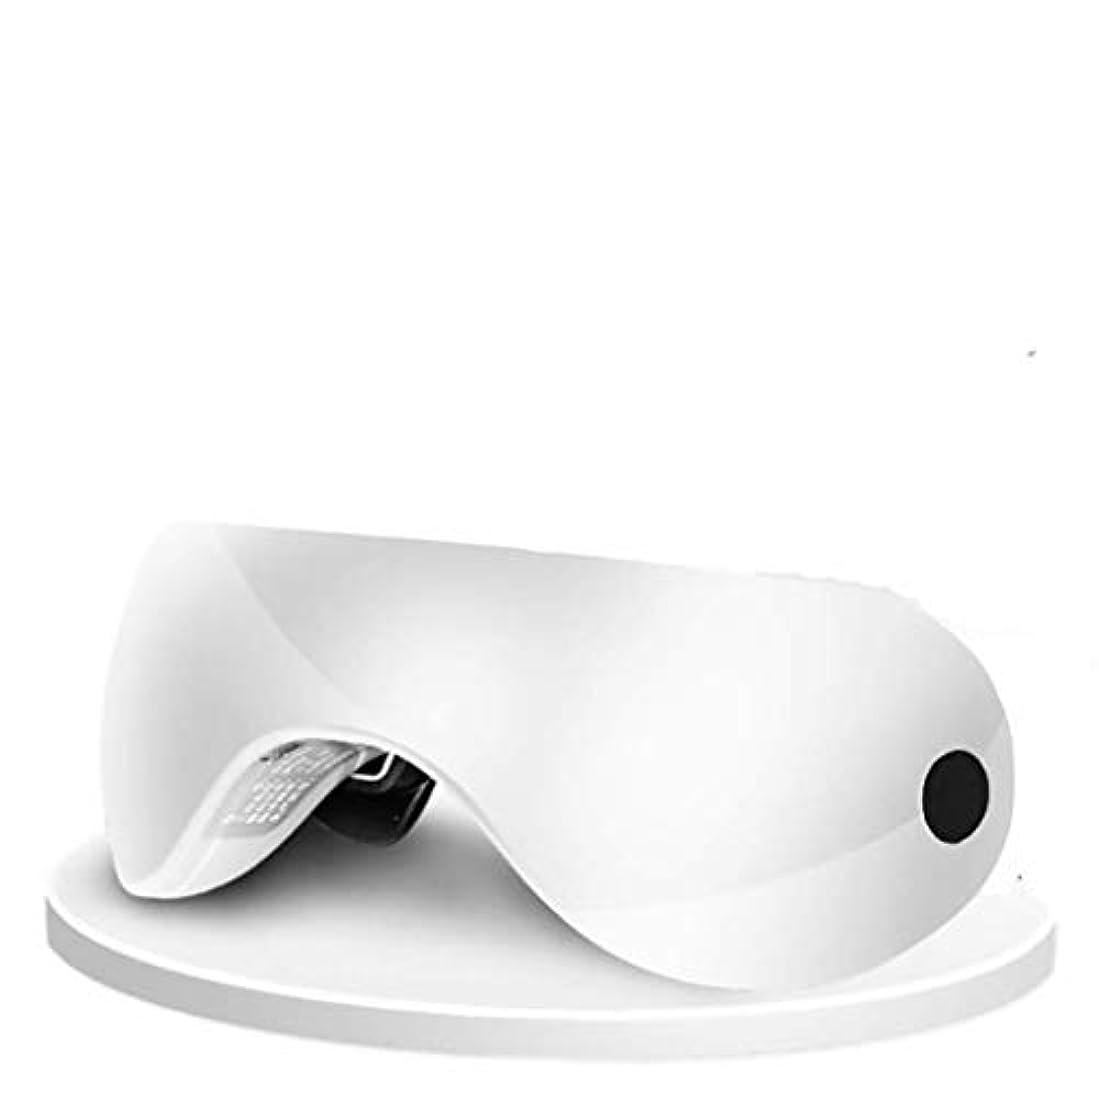 ベッドを作る見落とす悲観的多機能アイマッサージャー、180°折りたたみ/USB充電モード、気圧/振動/Bluetoothライトミュージック、旅行に便利/通気性、視覚保護デバイス、近視/乱視矯正